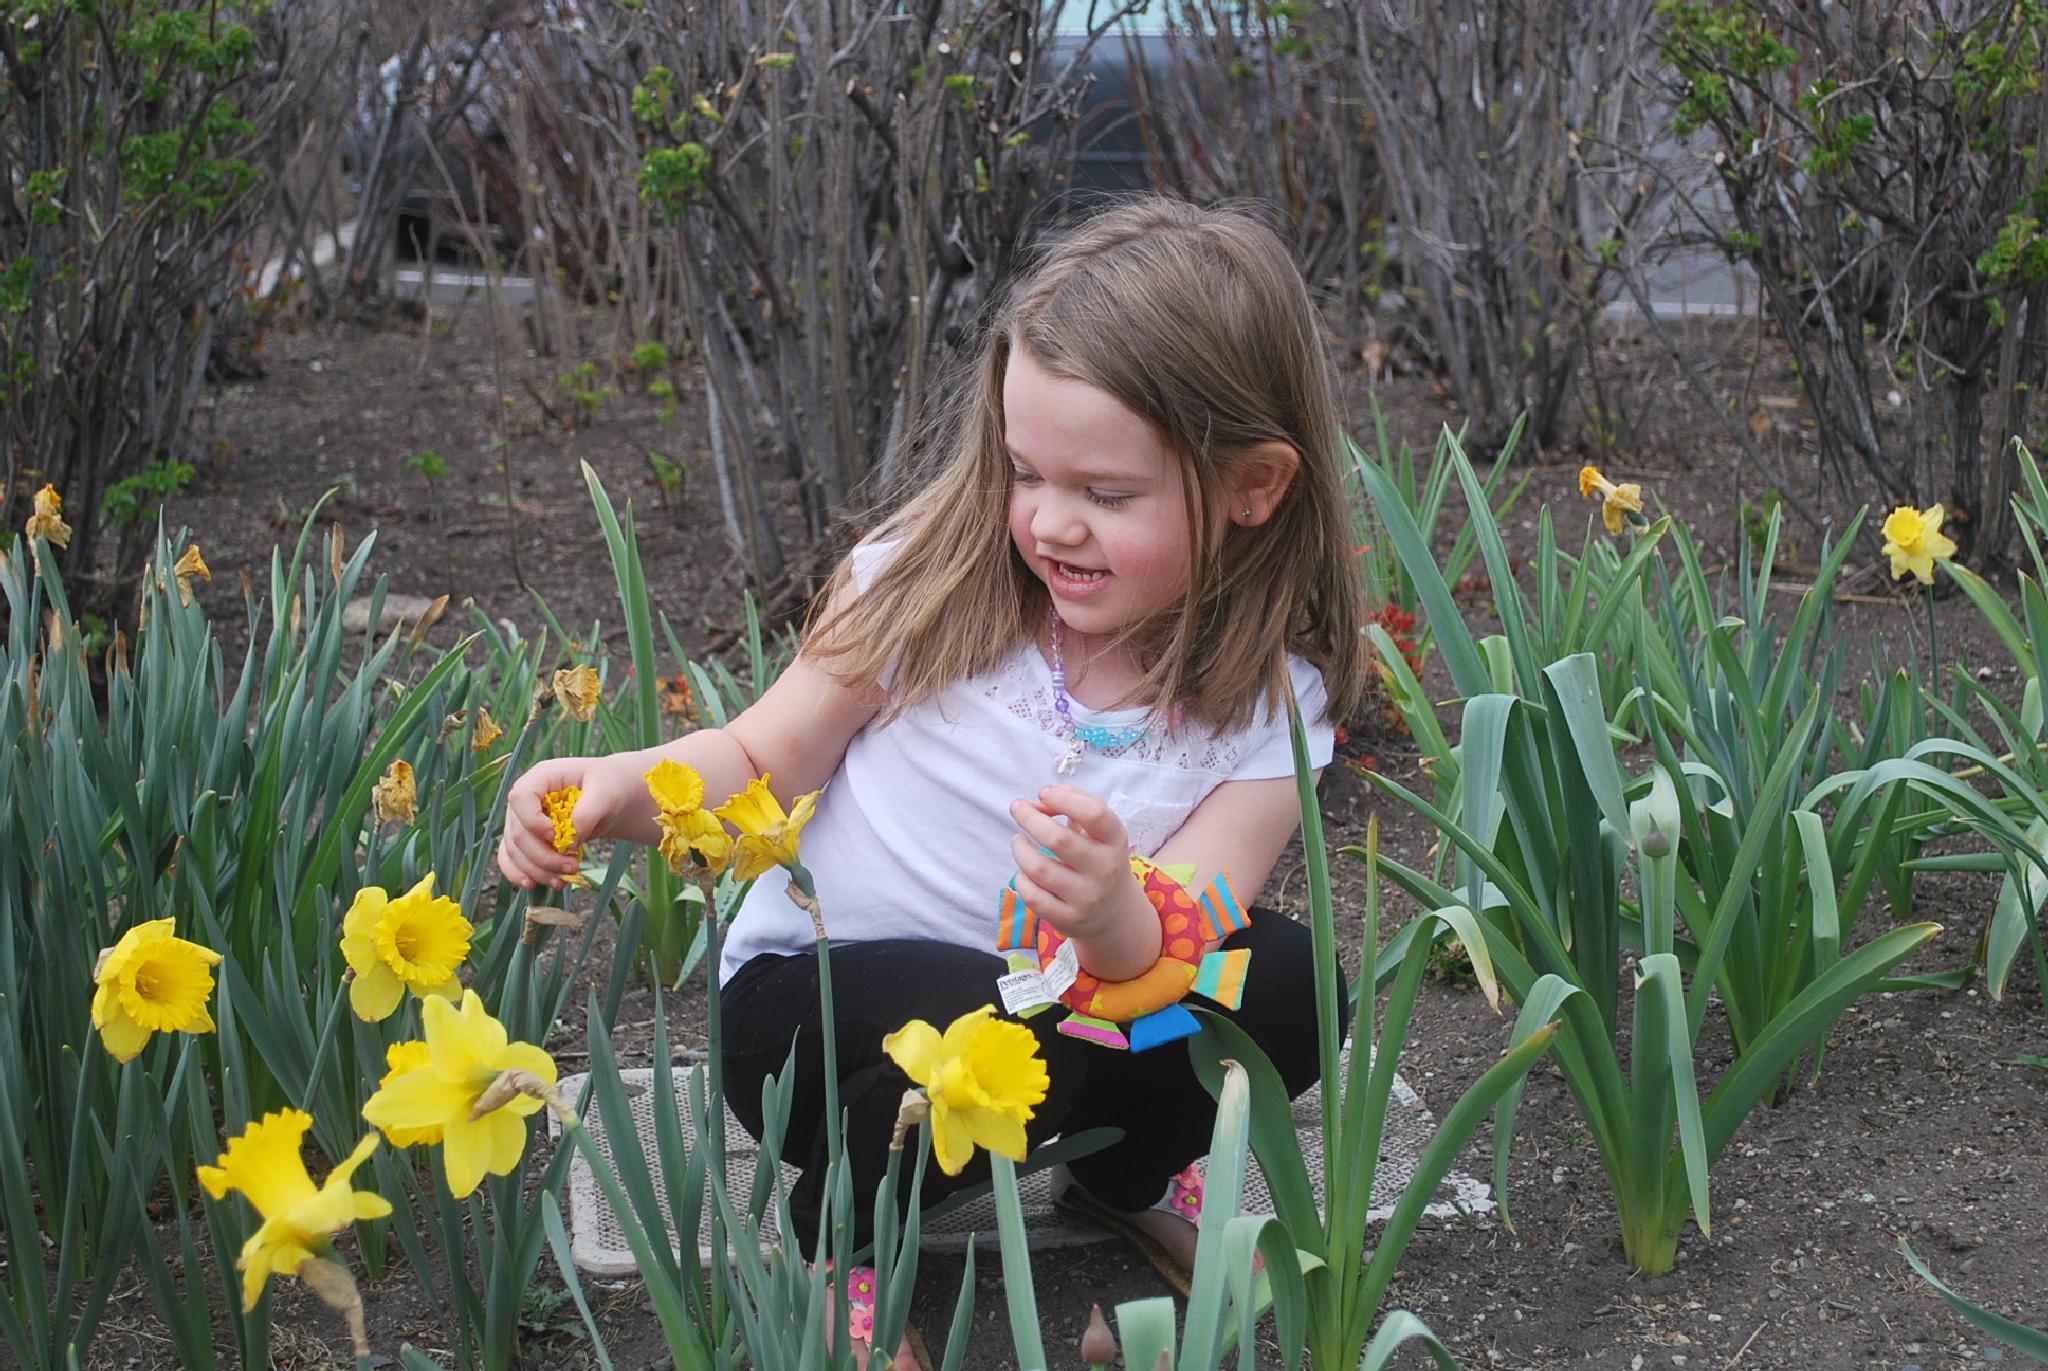 Daffodil Garden and Addie by marilyn wirtz